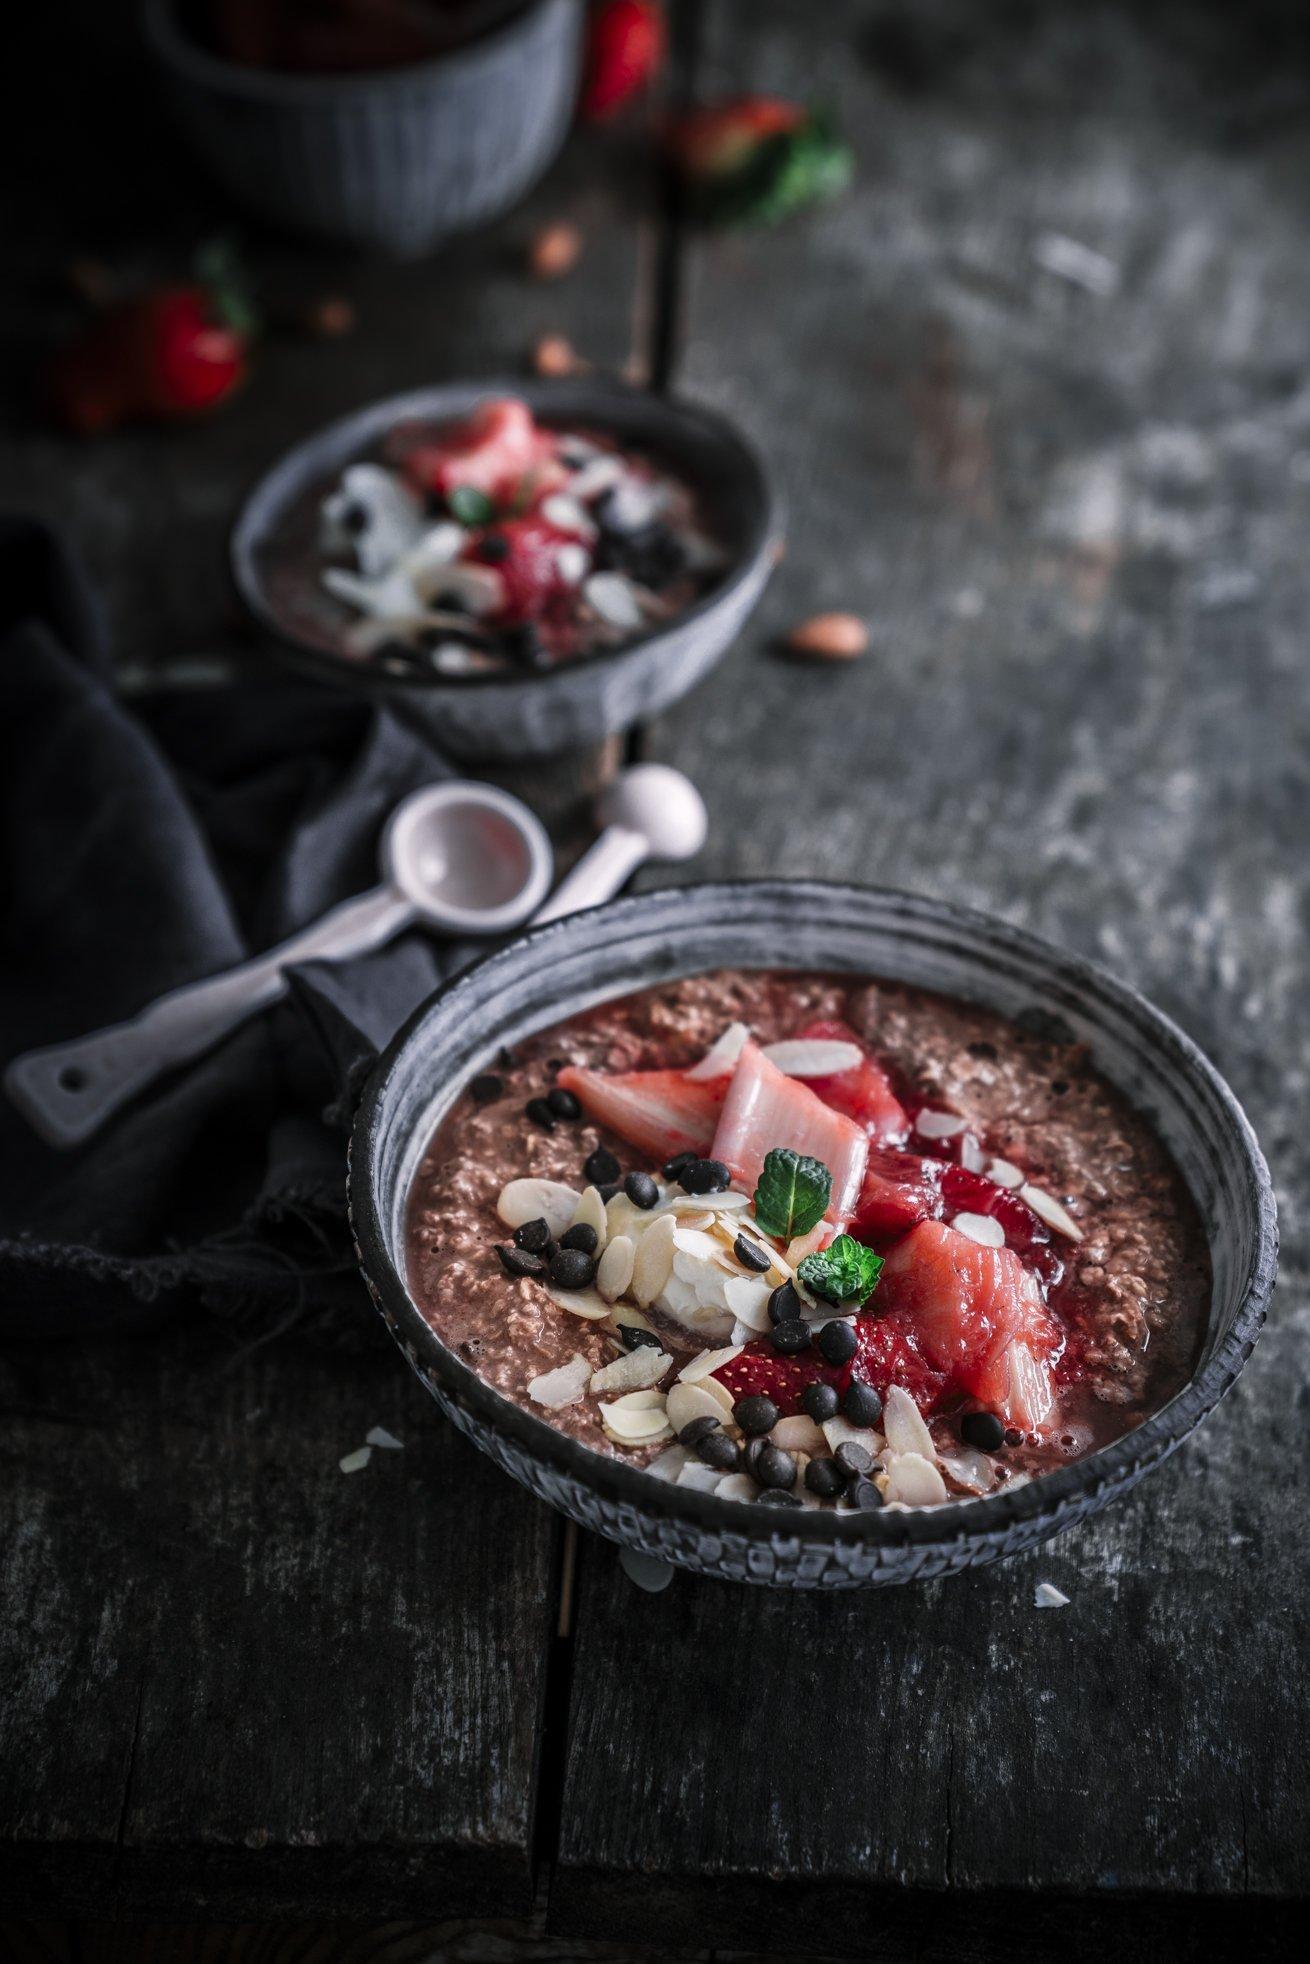 Chocolate Bircher Müsli mit Erdbeer-Rhabarber Kompott